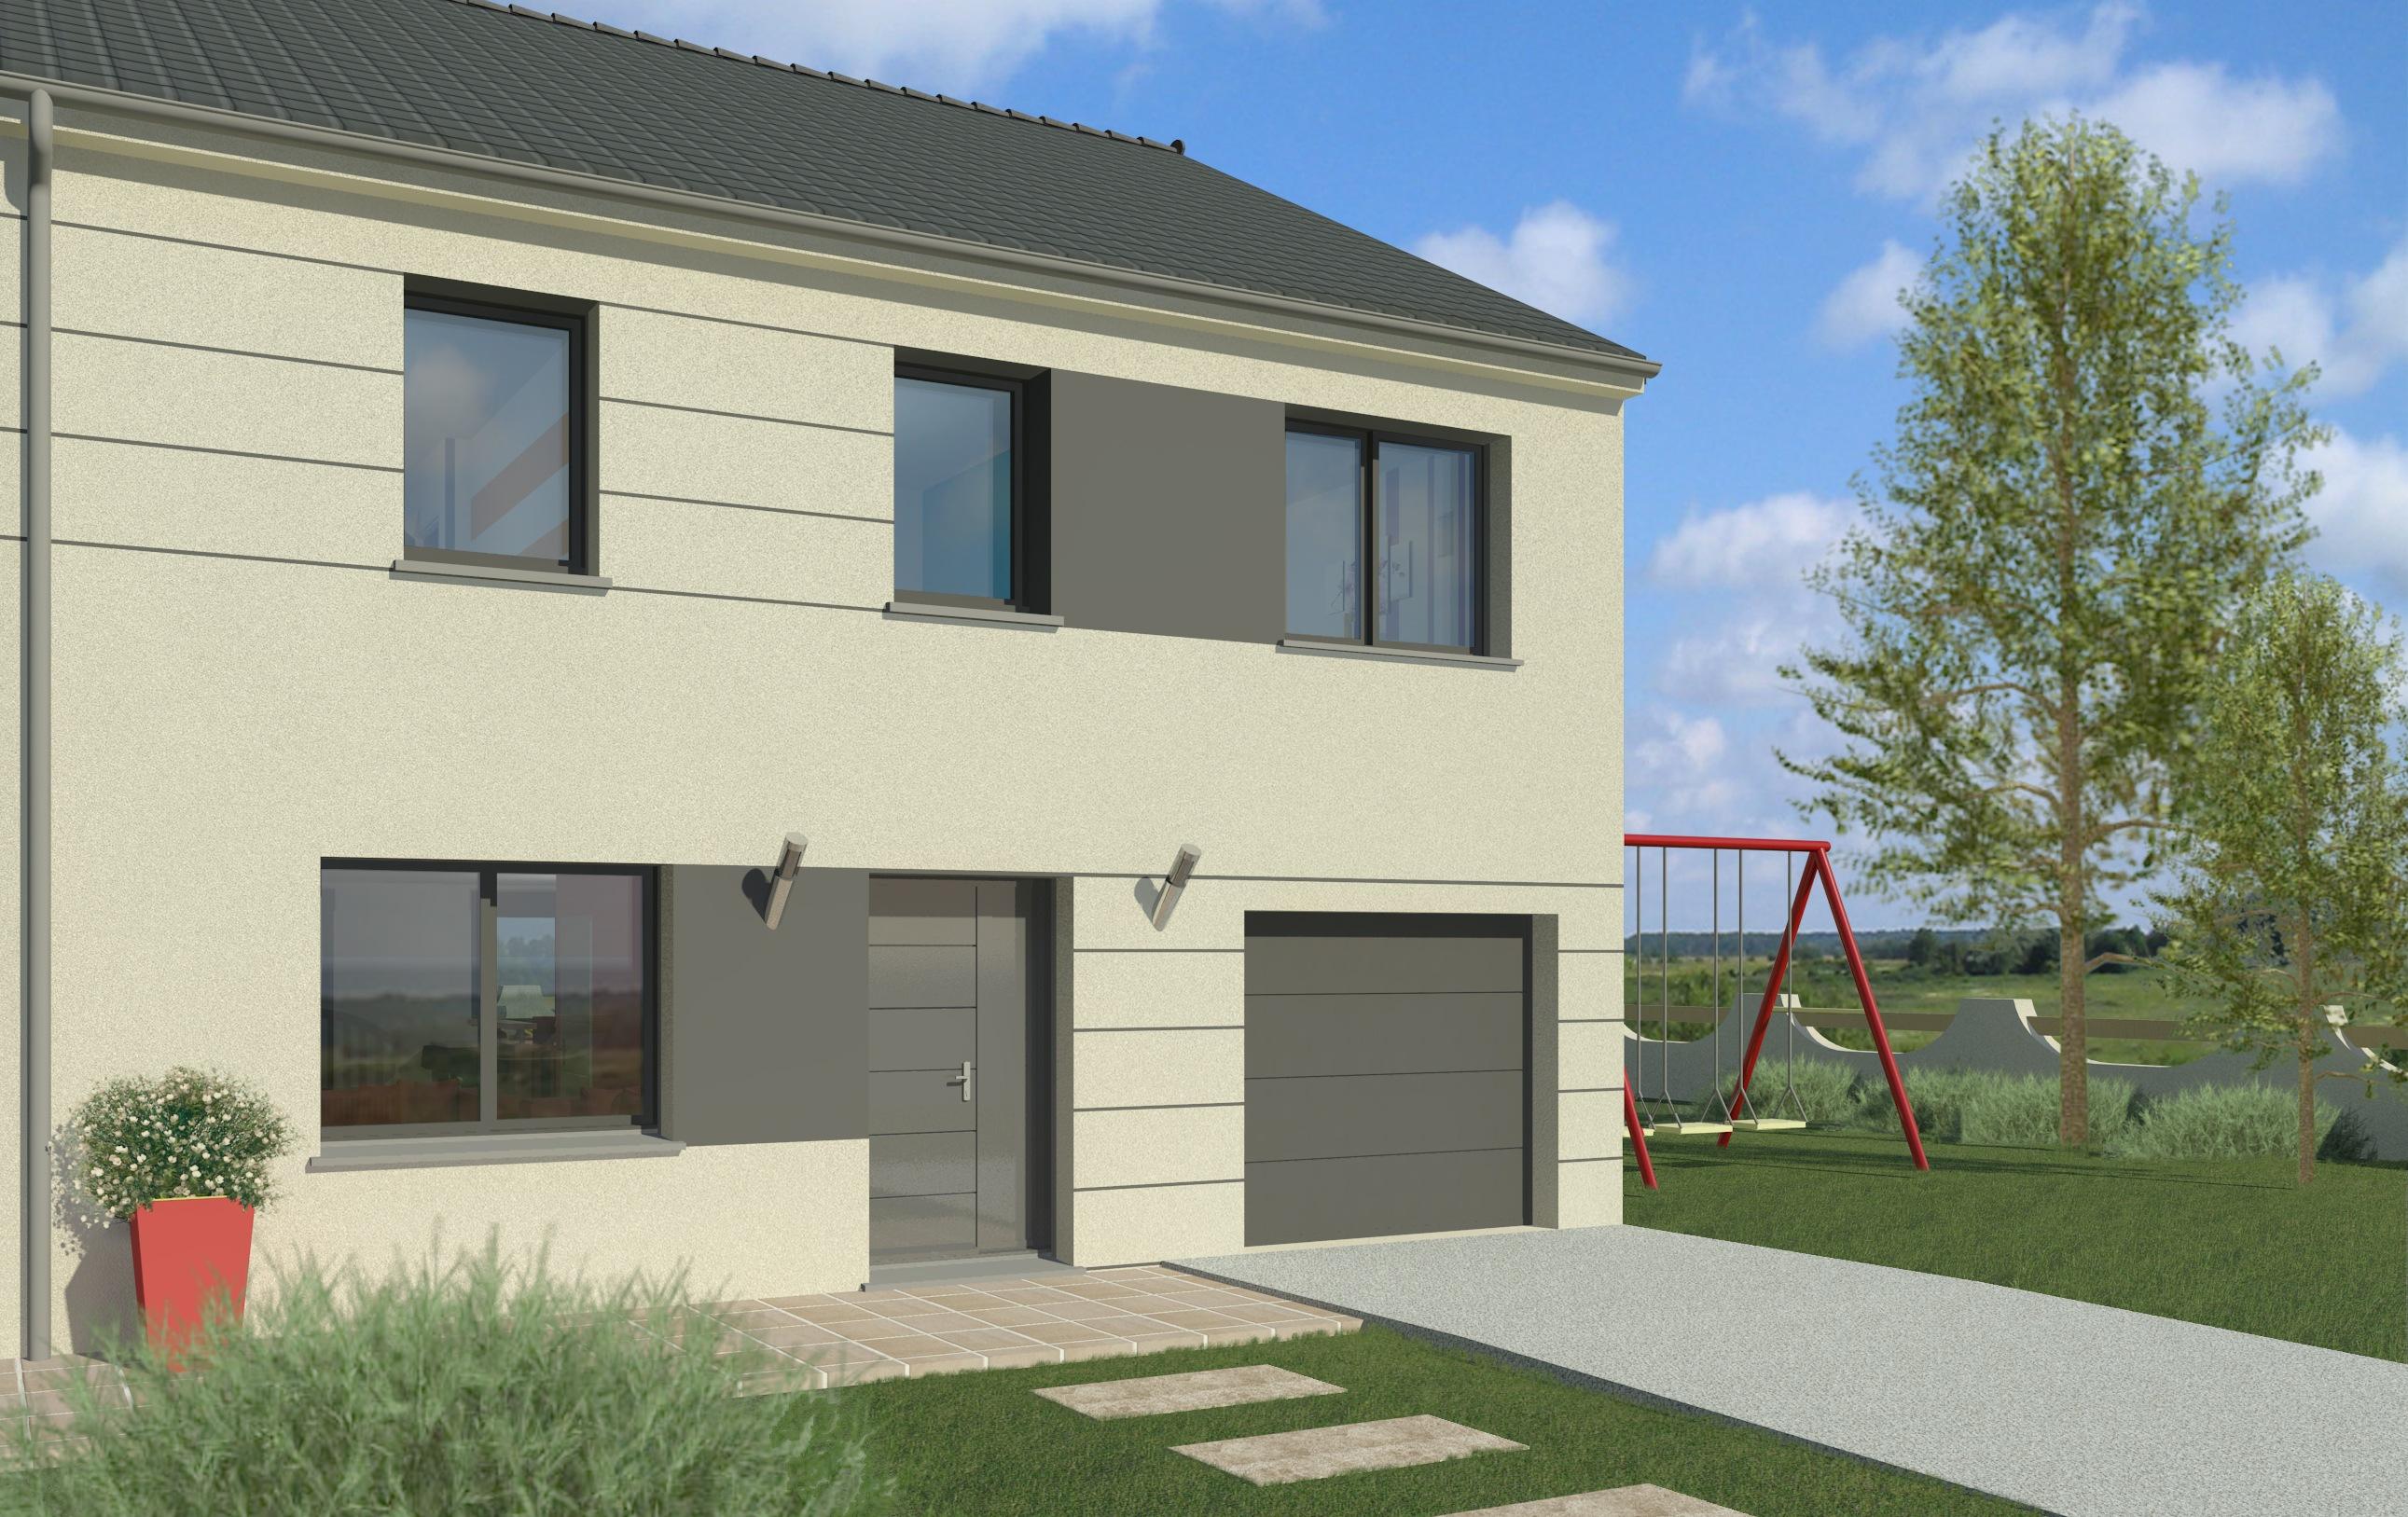 Maisons + Terrains du constructeur MAISON FAMILIALE • 130 m² • BEAUGENCY